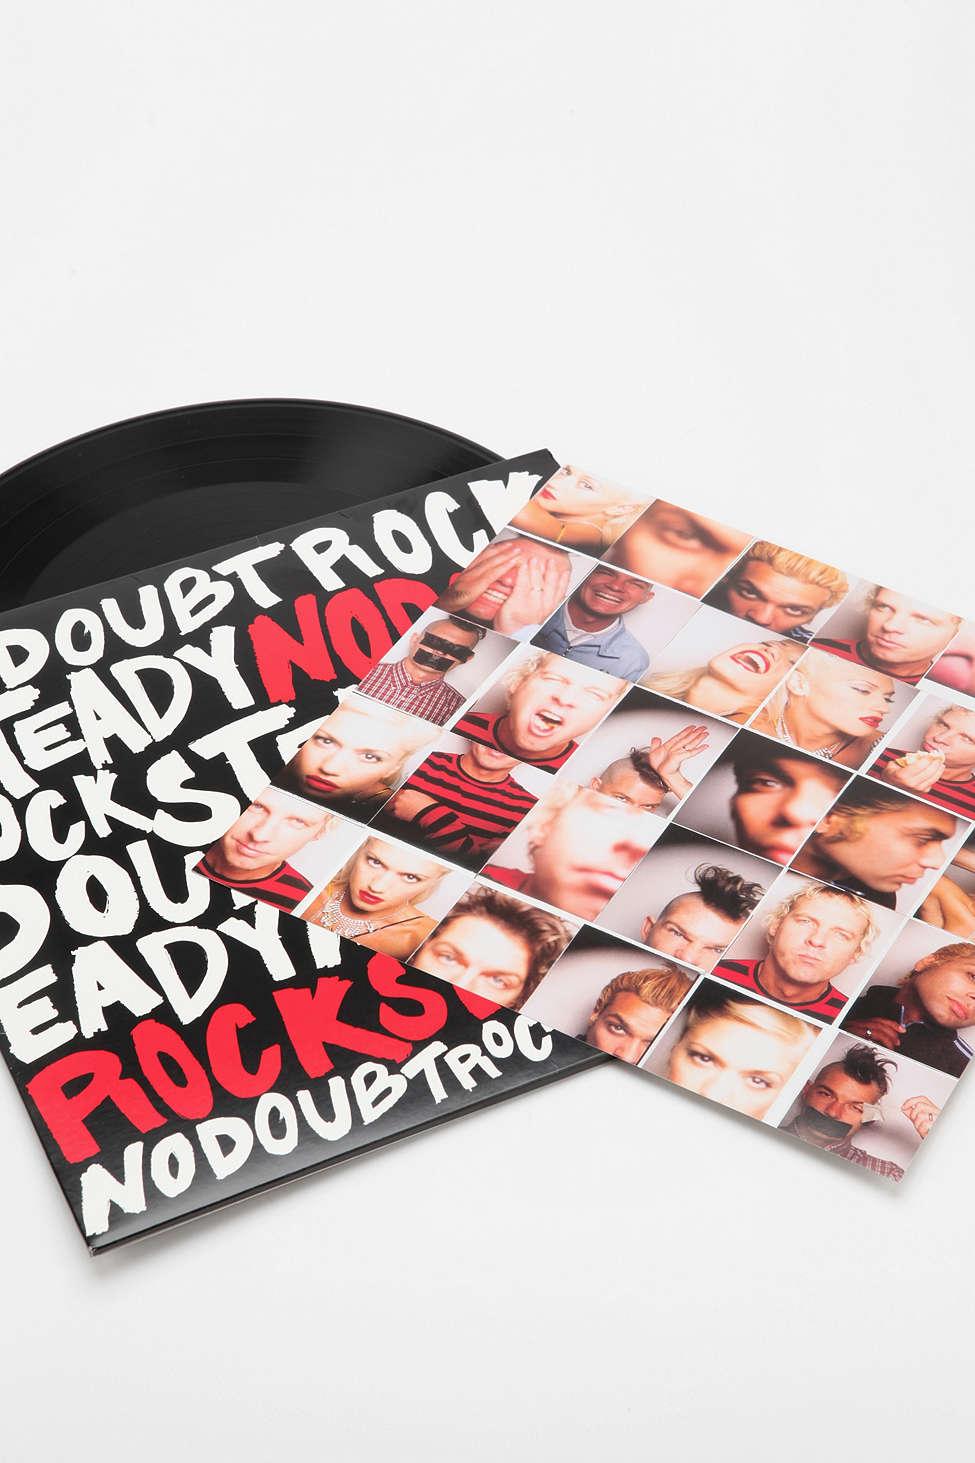 no doubt vinyl record